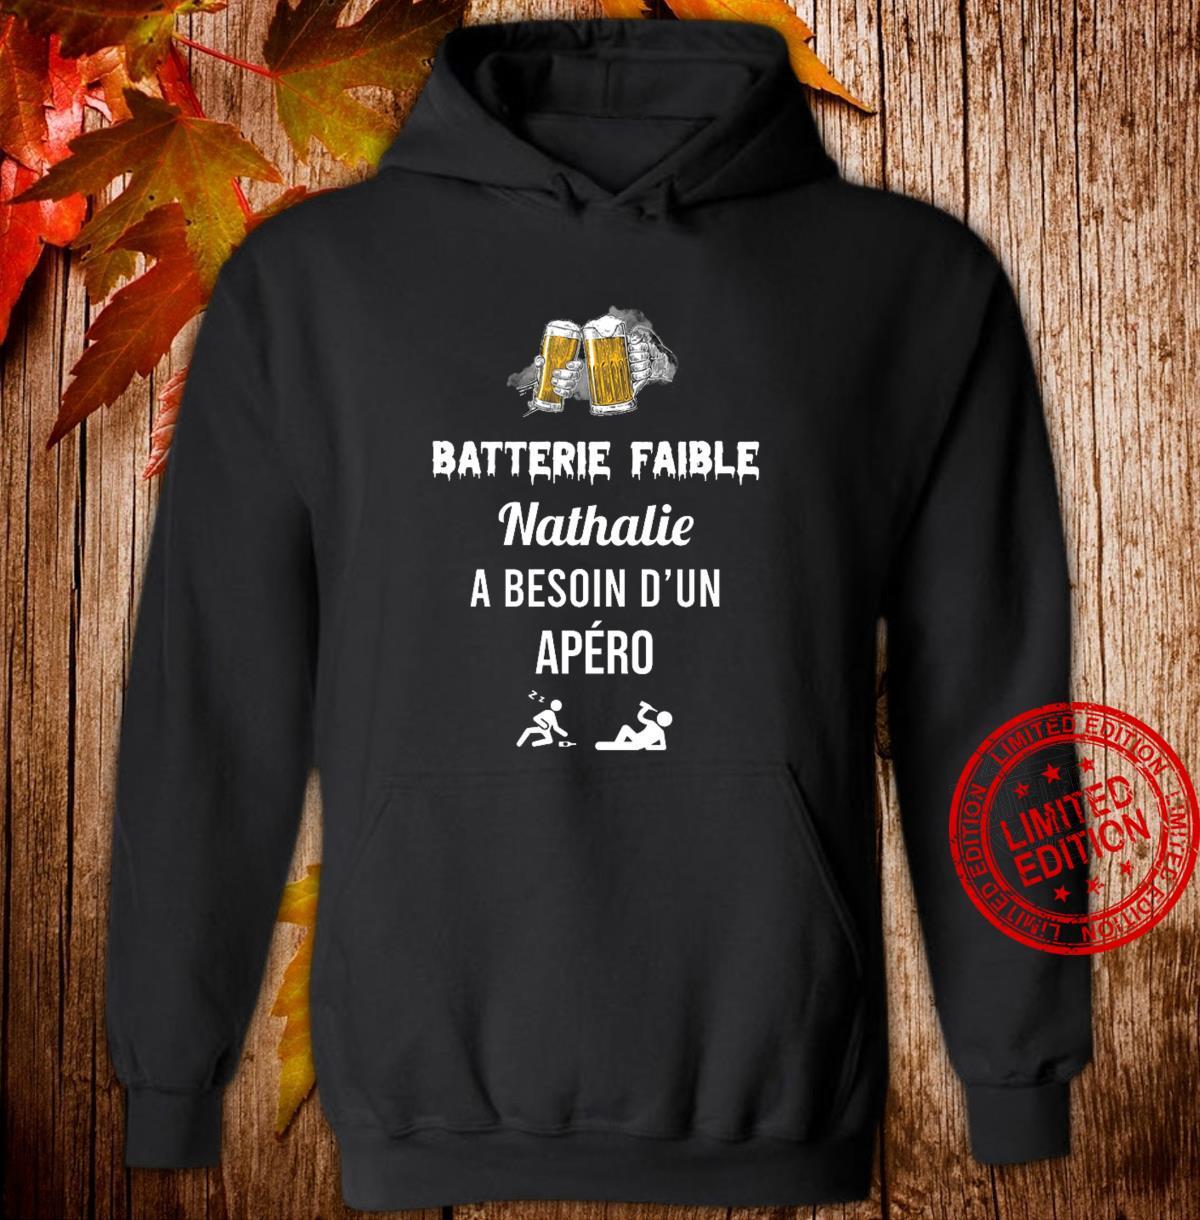 Batterie Faible Nathalie A Besoin D'un Apero Shirt hoodie